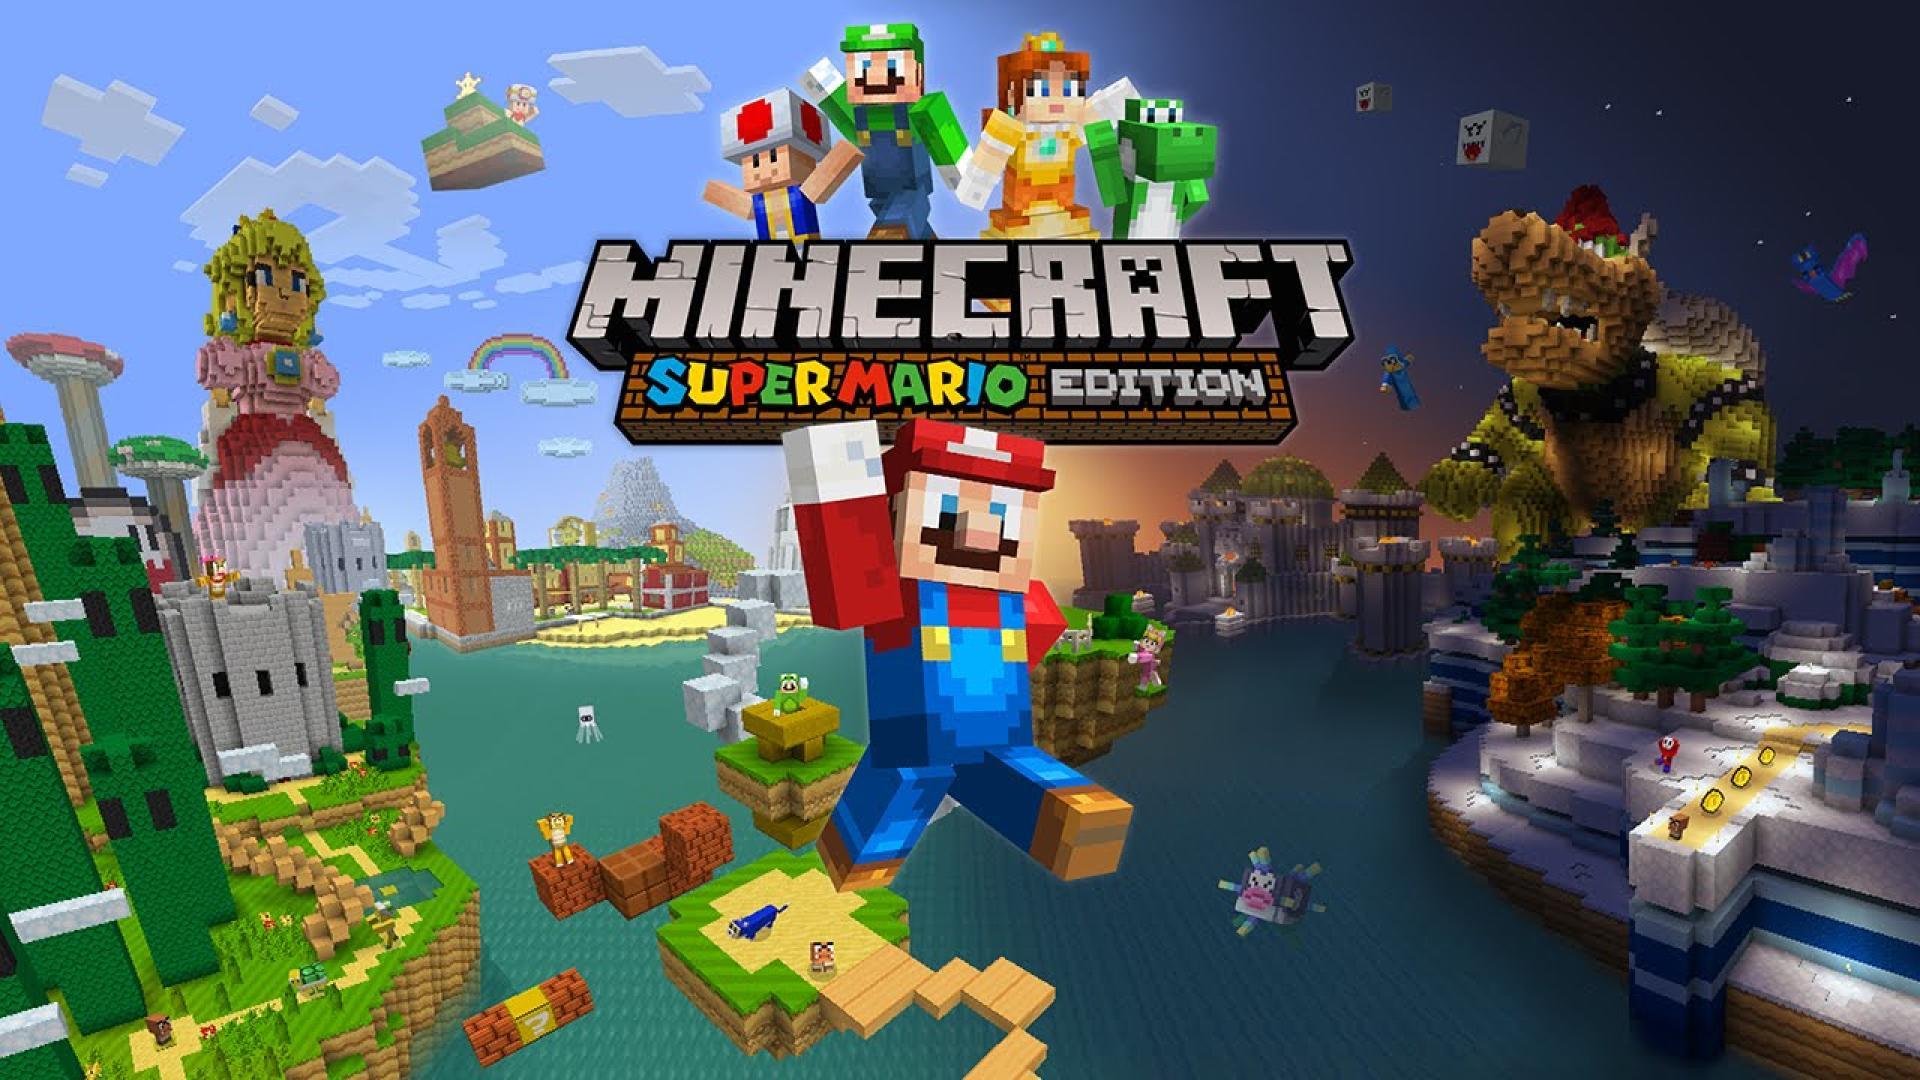 Les personnages de Nintendo sont apparus dans un jeu de Microsoft.